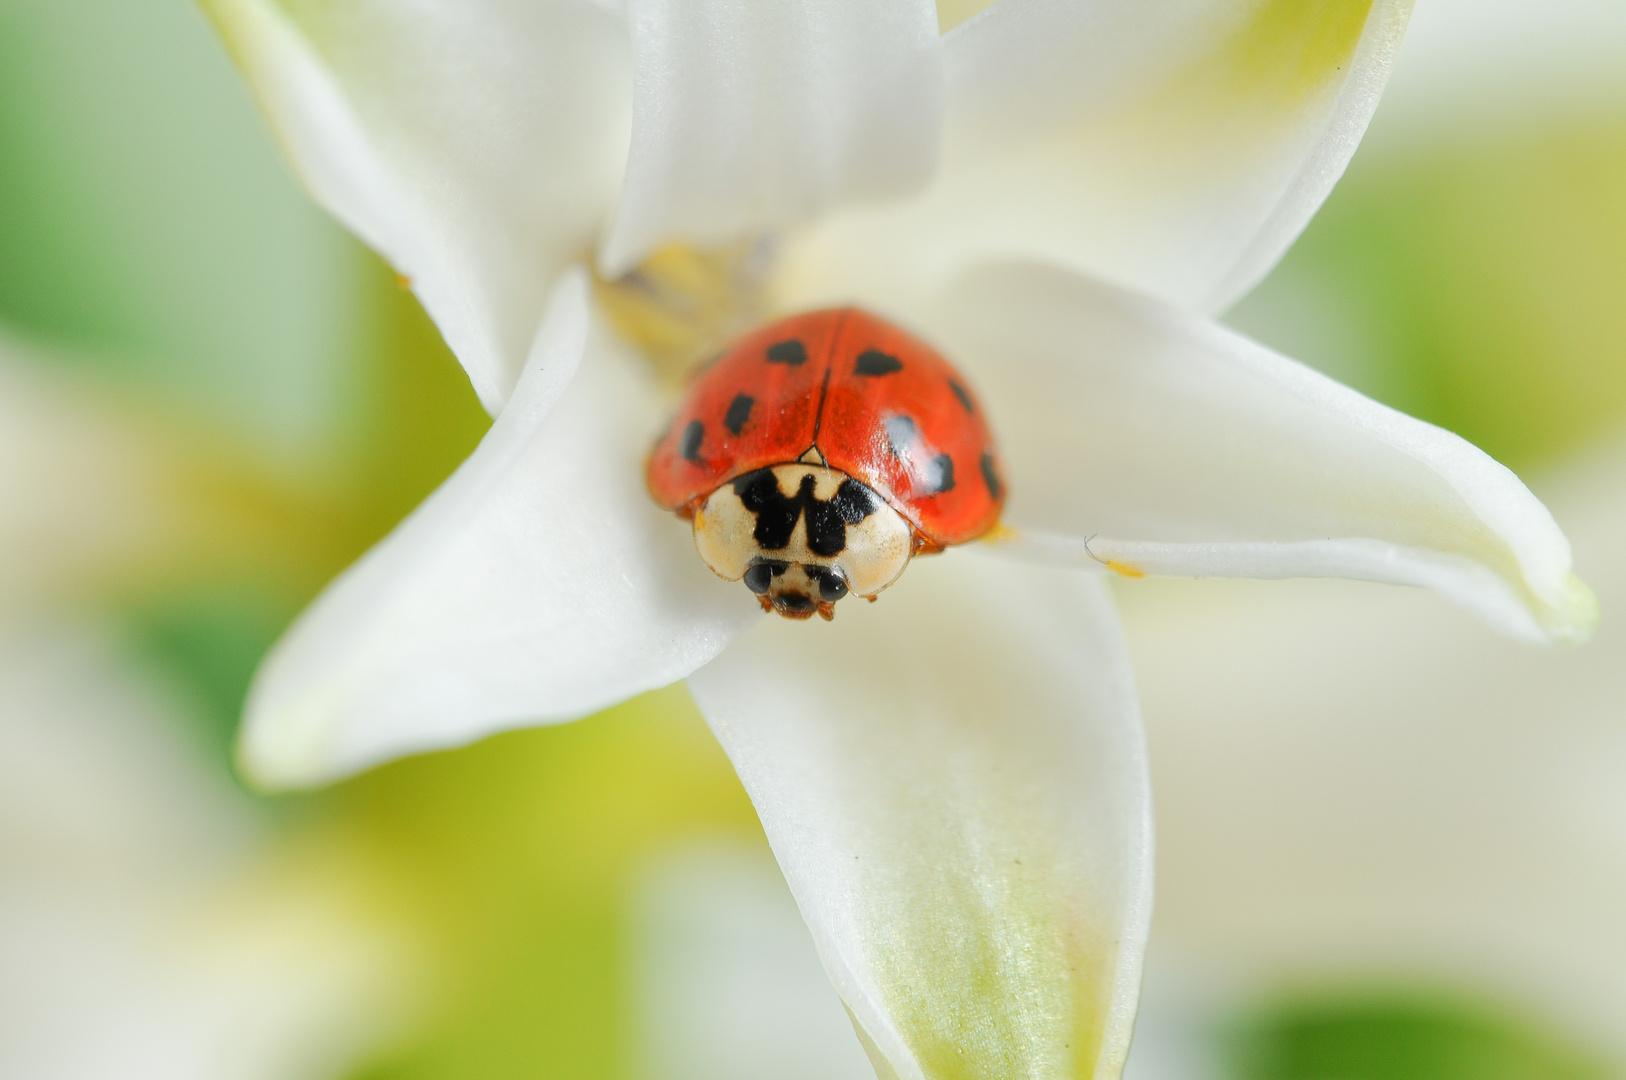 mein neues zuhause foto bild tiere wildlife insekten bilder auf fotocommunity. Black Bedroom Furniture Sets. Home Design Ideas